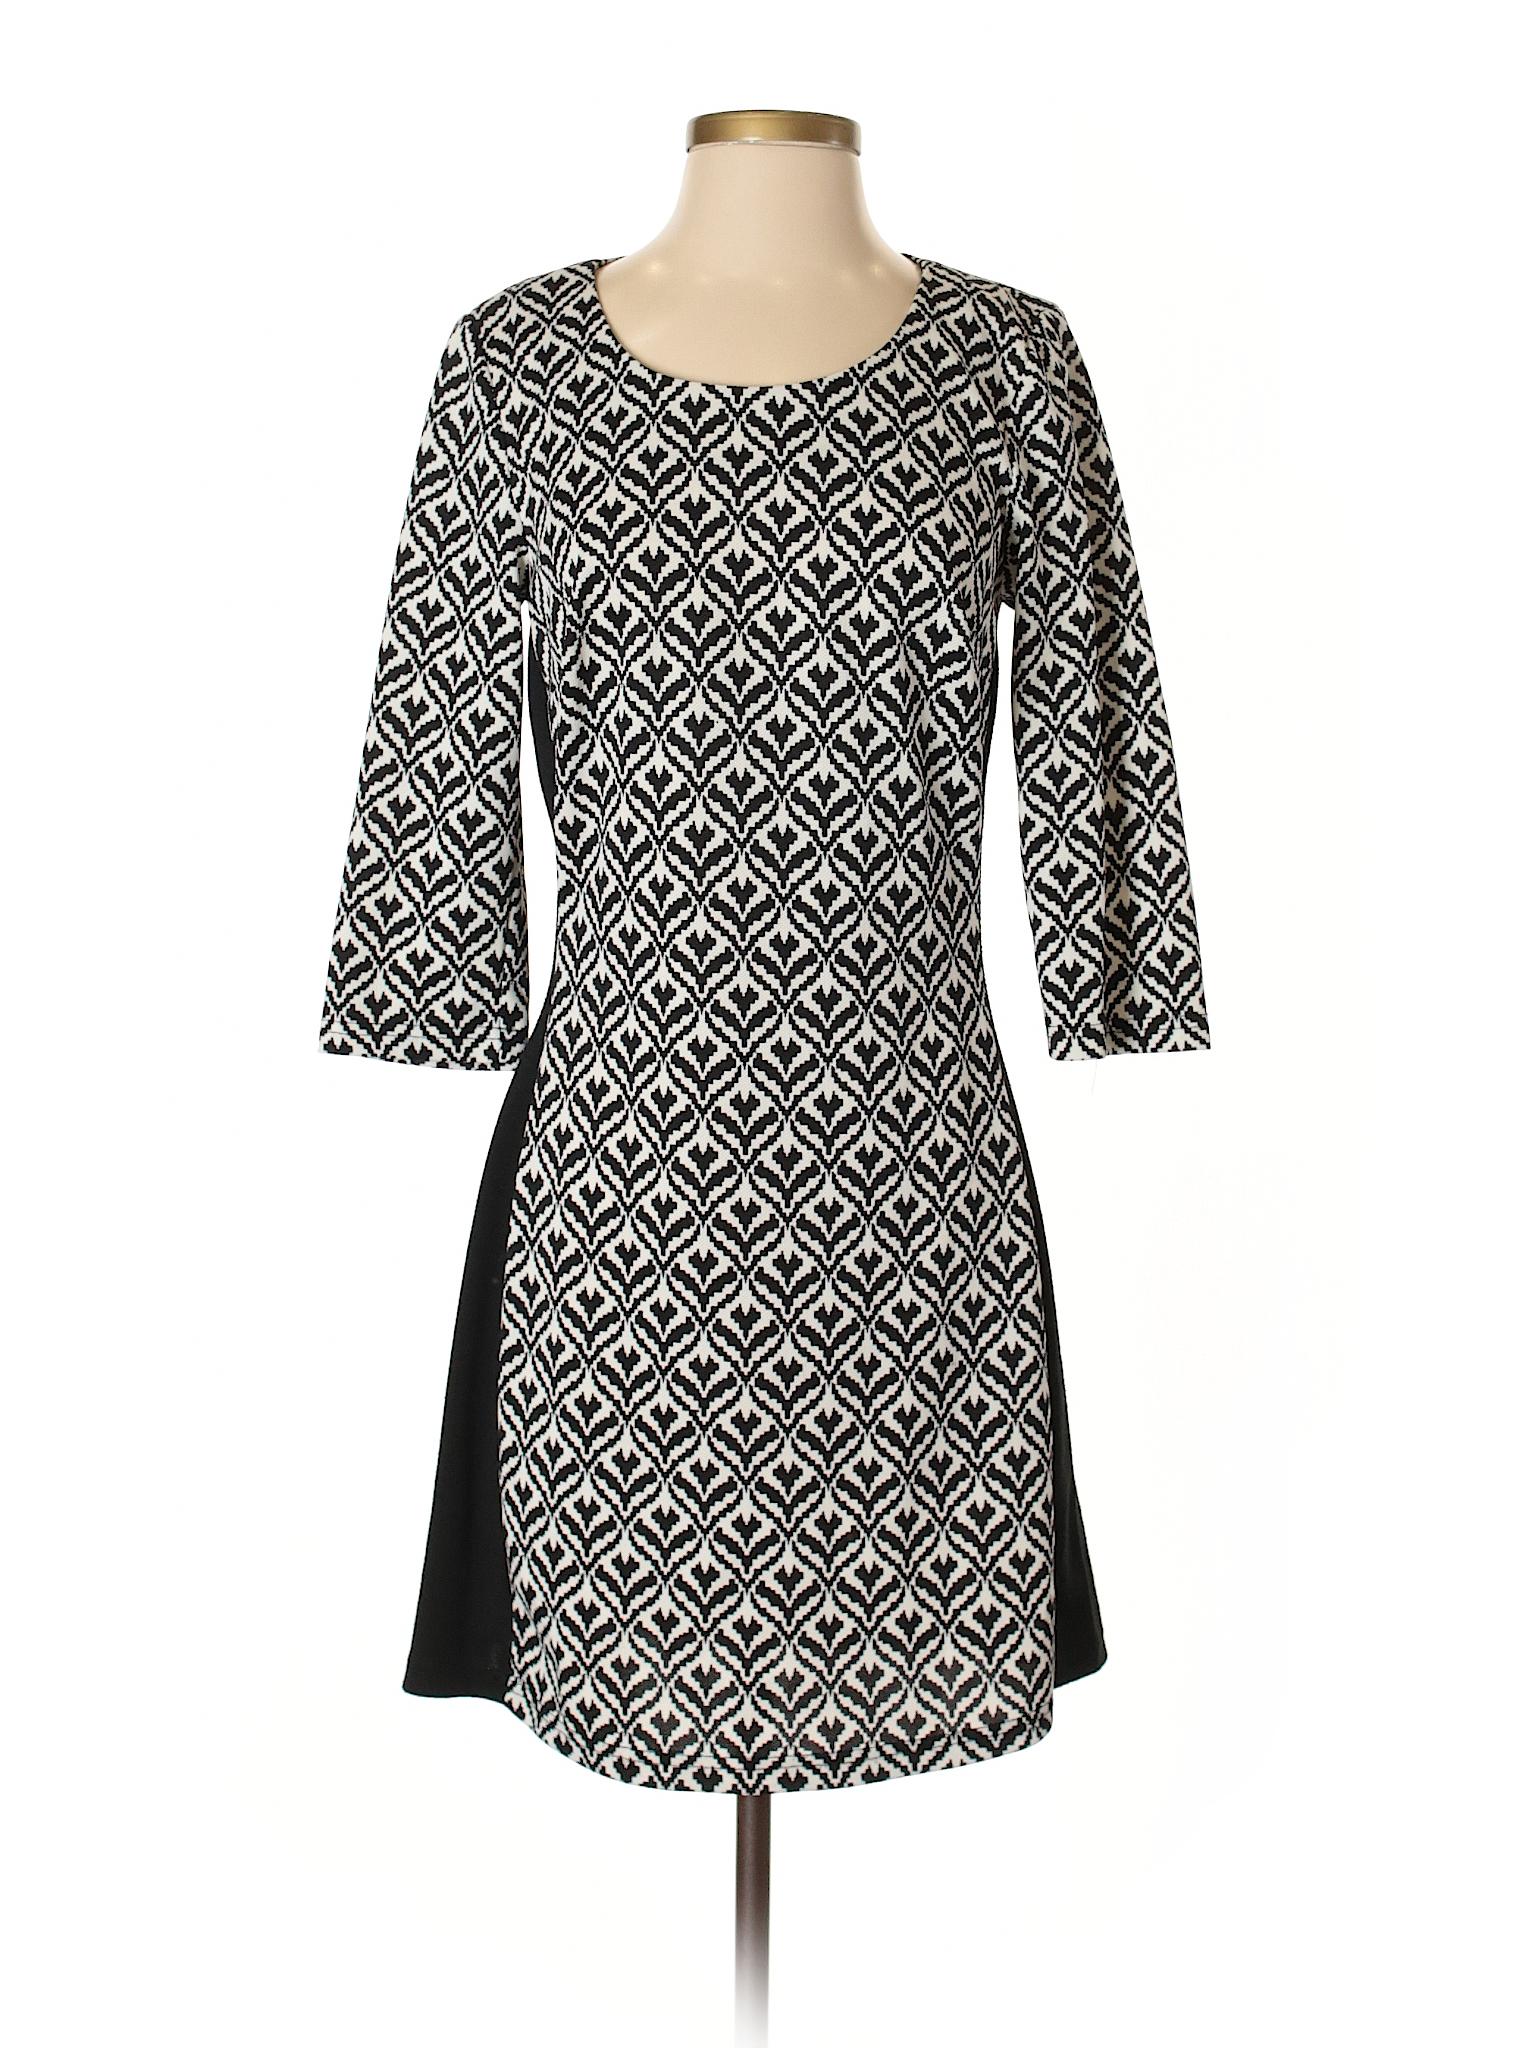 Dress winter Boutique winter Pixley Boutique Boutique Pixley Dress Pixley Casual Casual winter Casual Dress w1vwxZqAO6